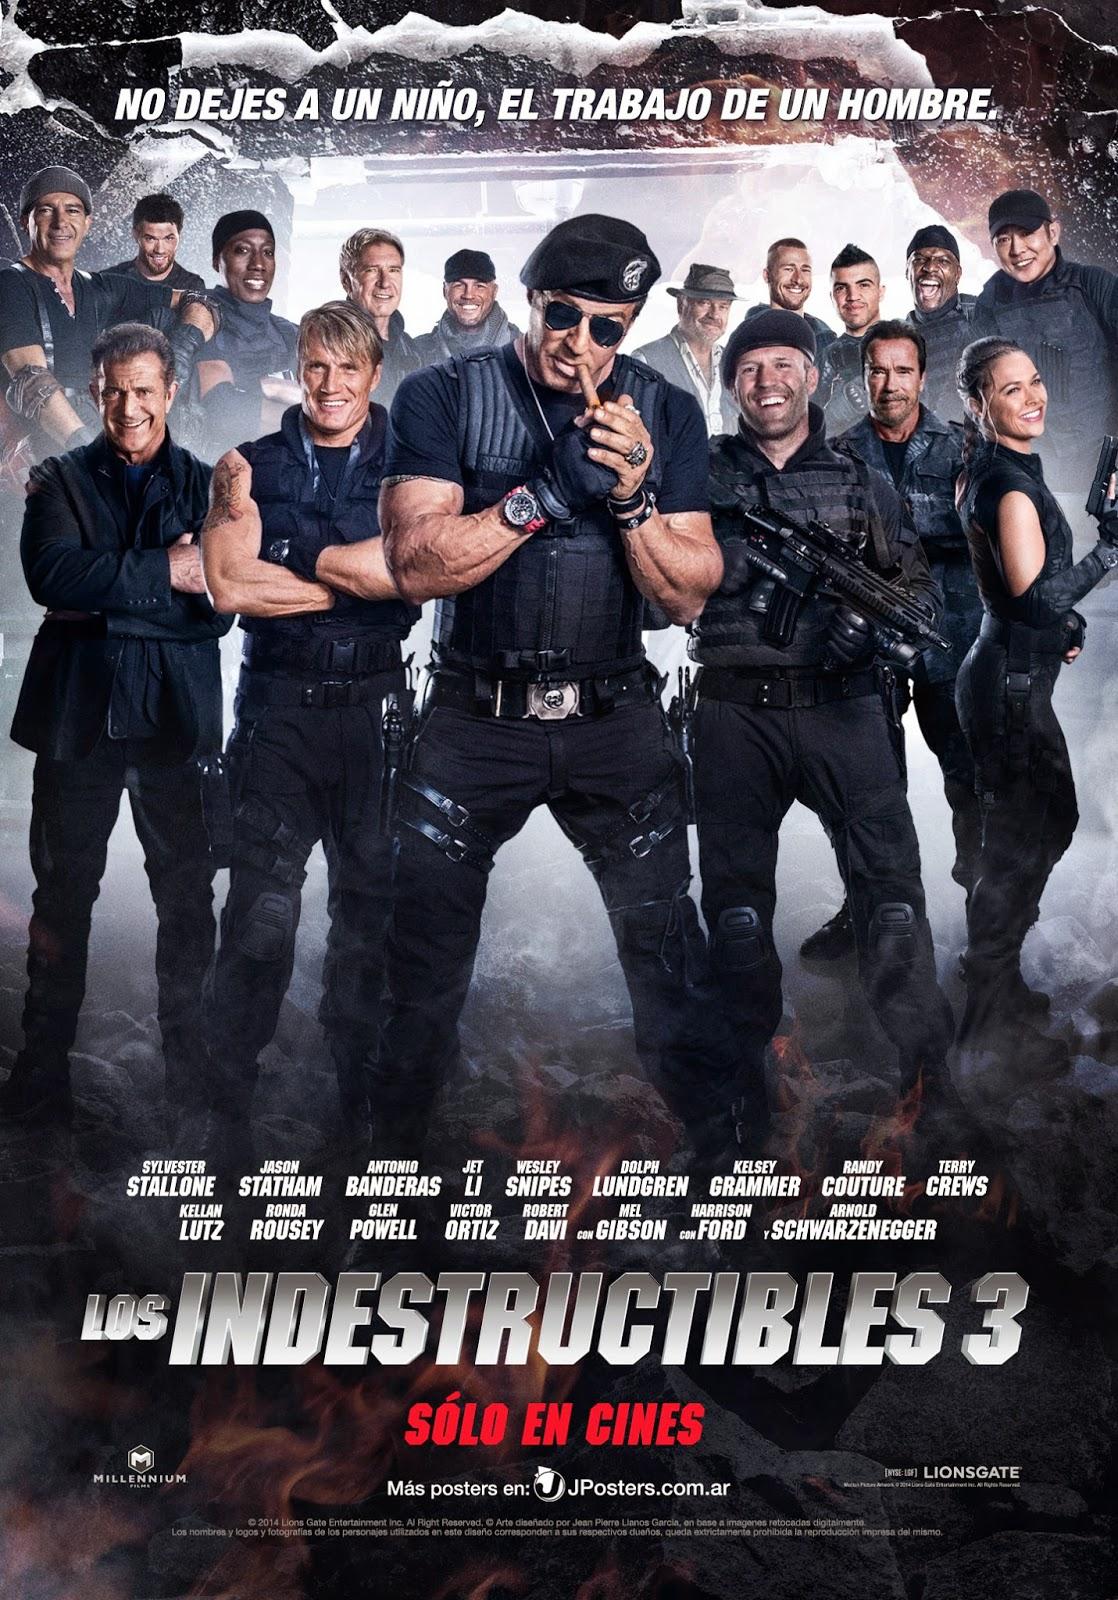 Los Indestructibles 3 Antonio Banderas Motorcycles